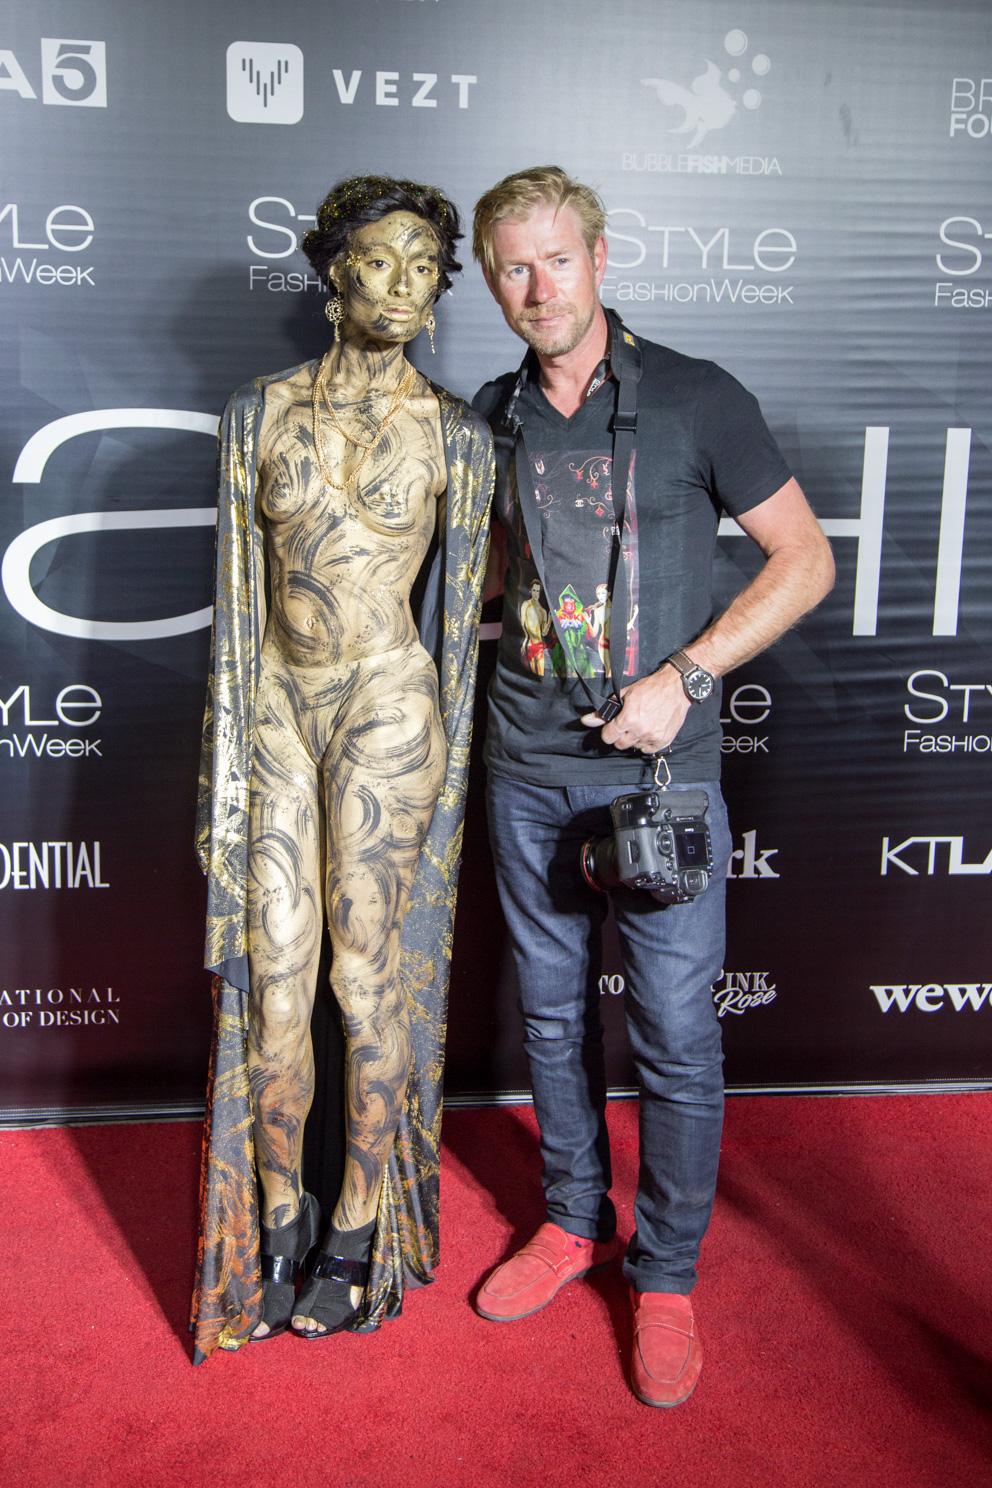 Style Fashion Week Bodypaint